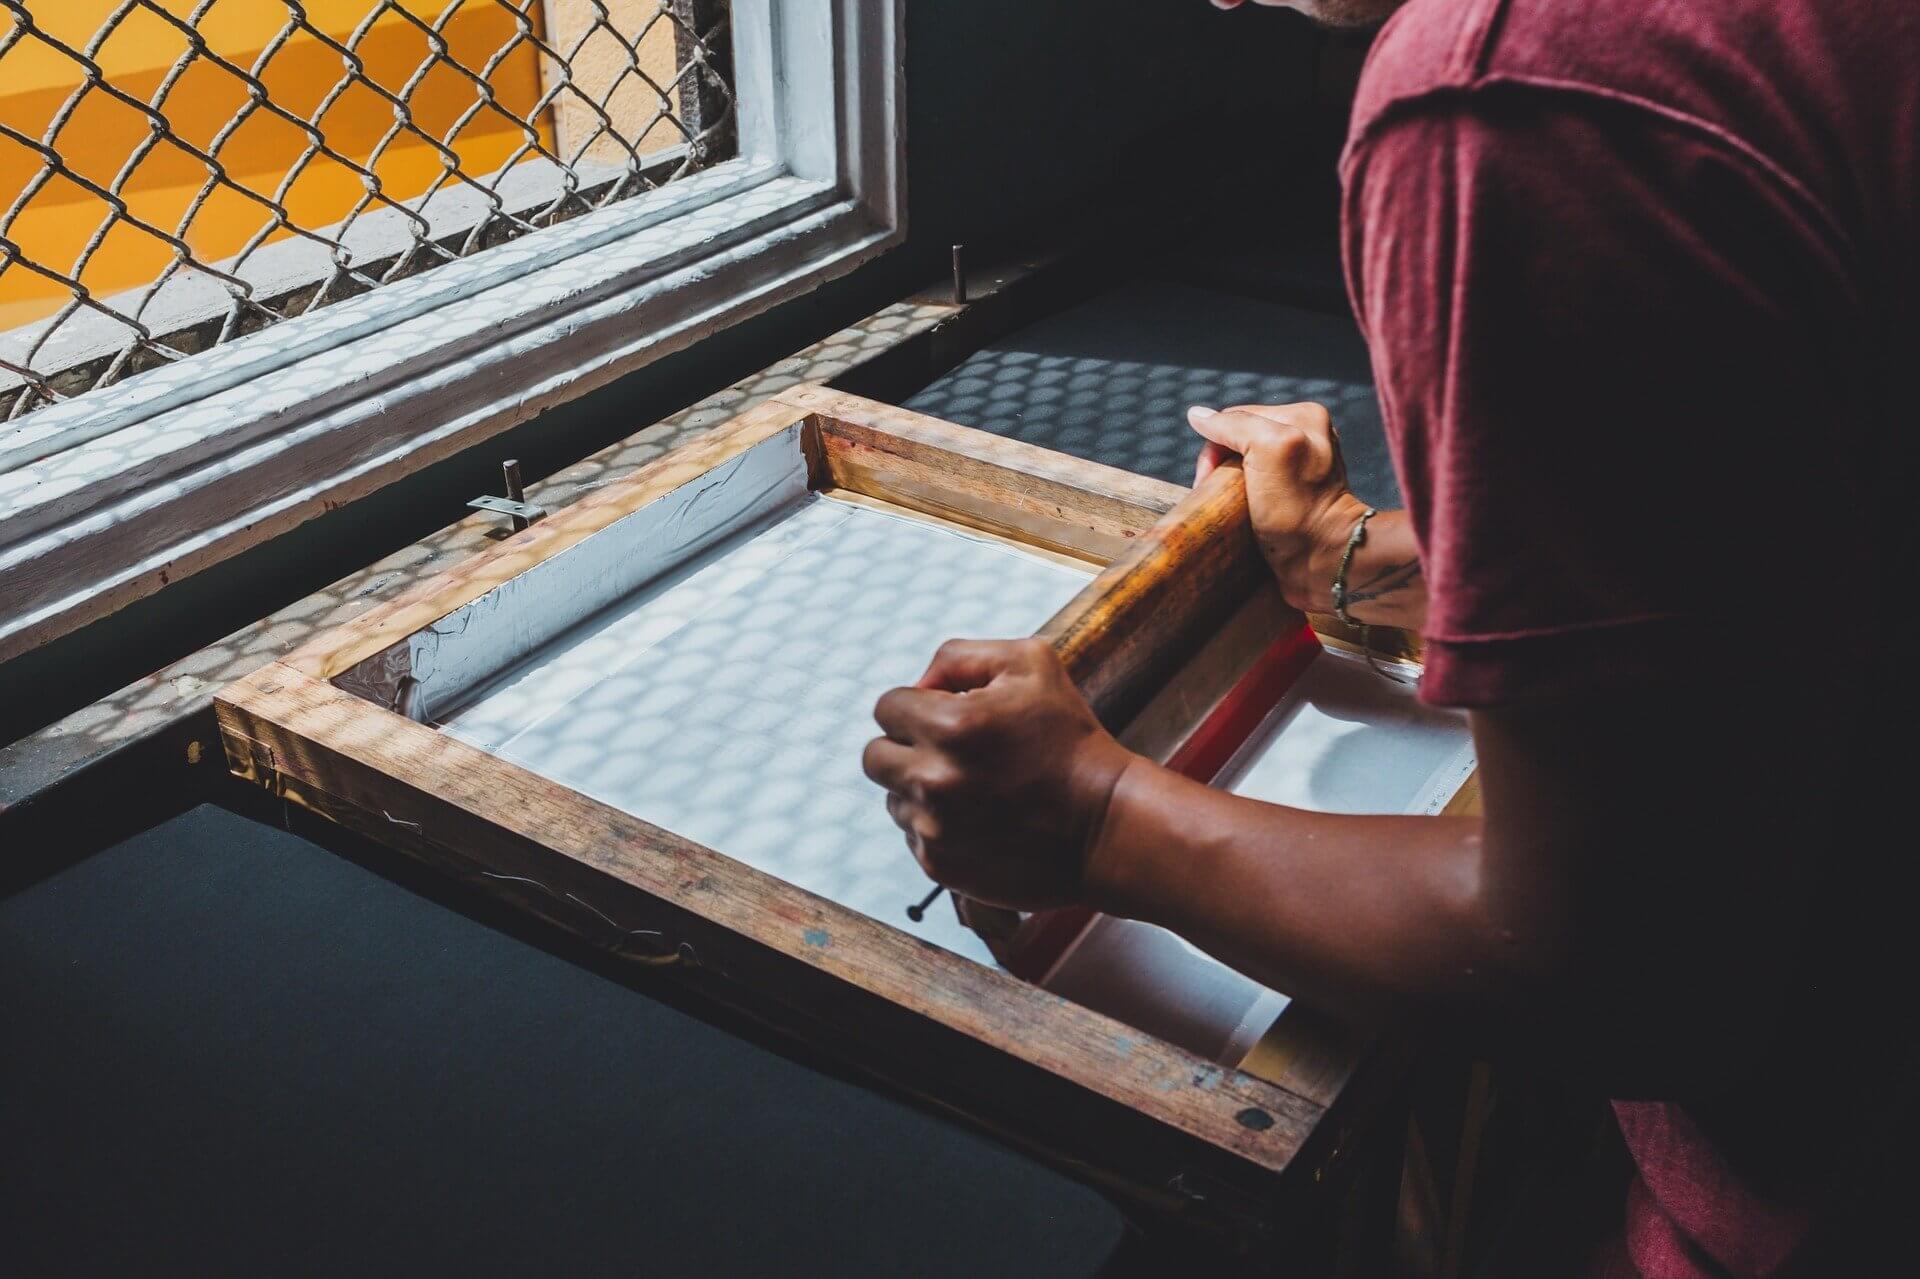 in lụa túi vải canvas tại nhà cách dễ dàng